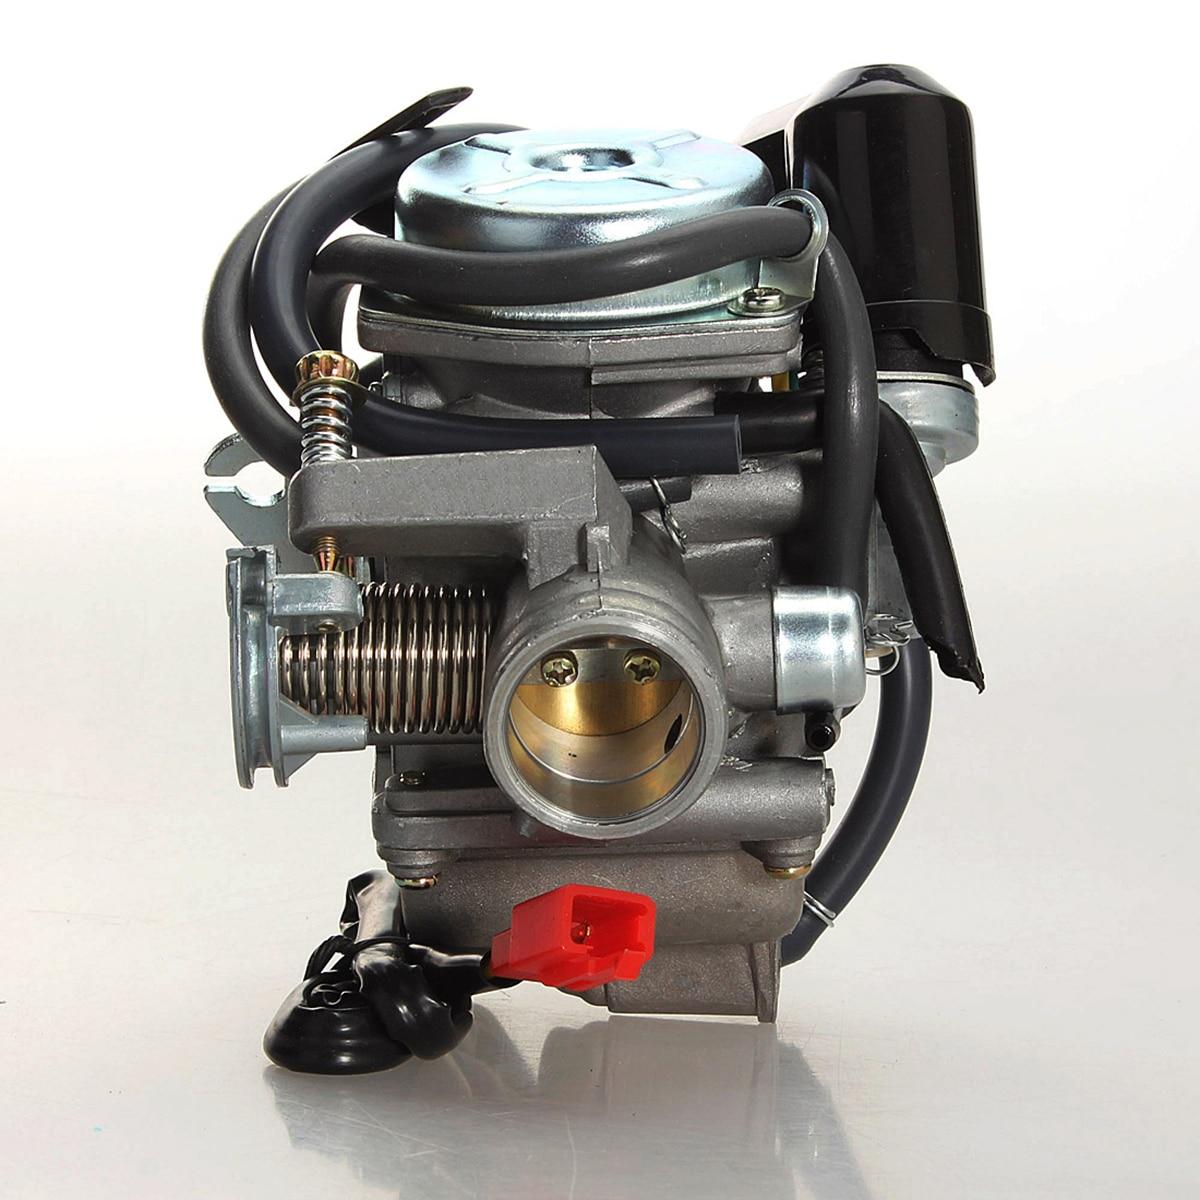 125 150cc gy6 four stroke engine - HD1100×1100